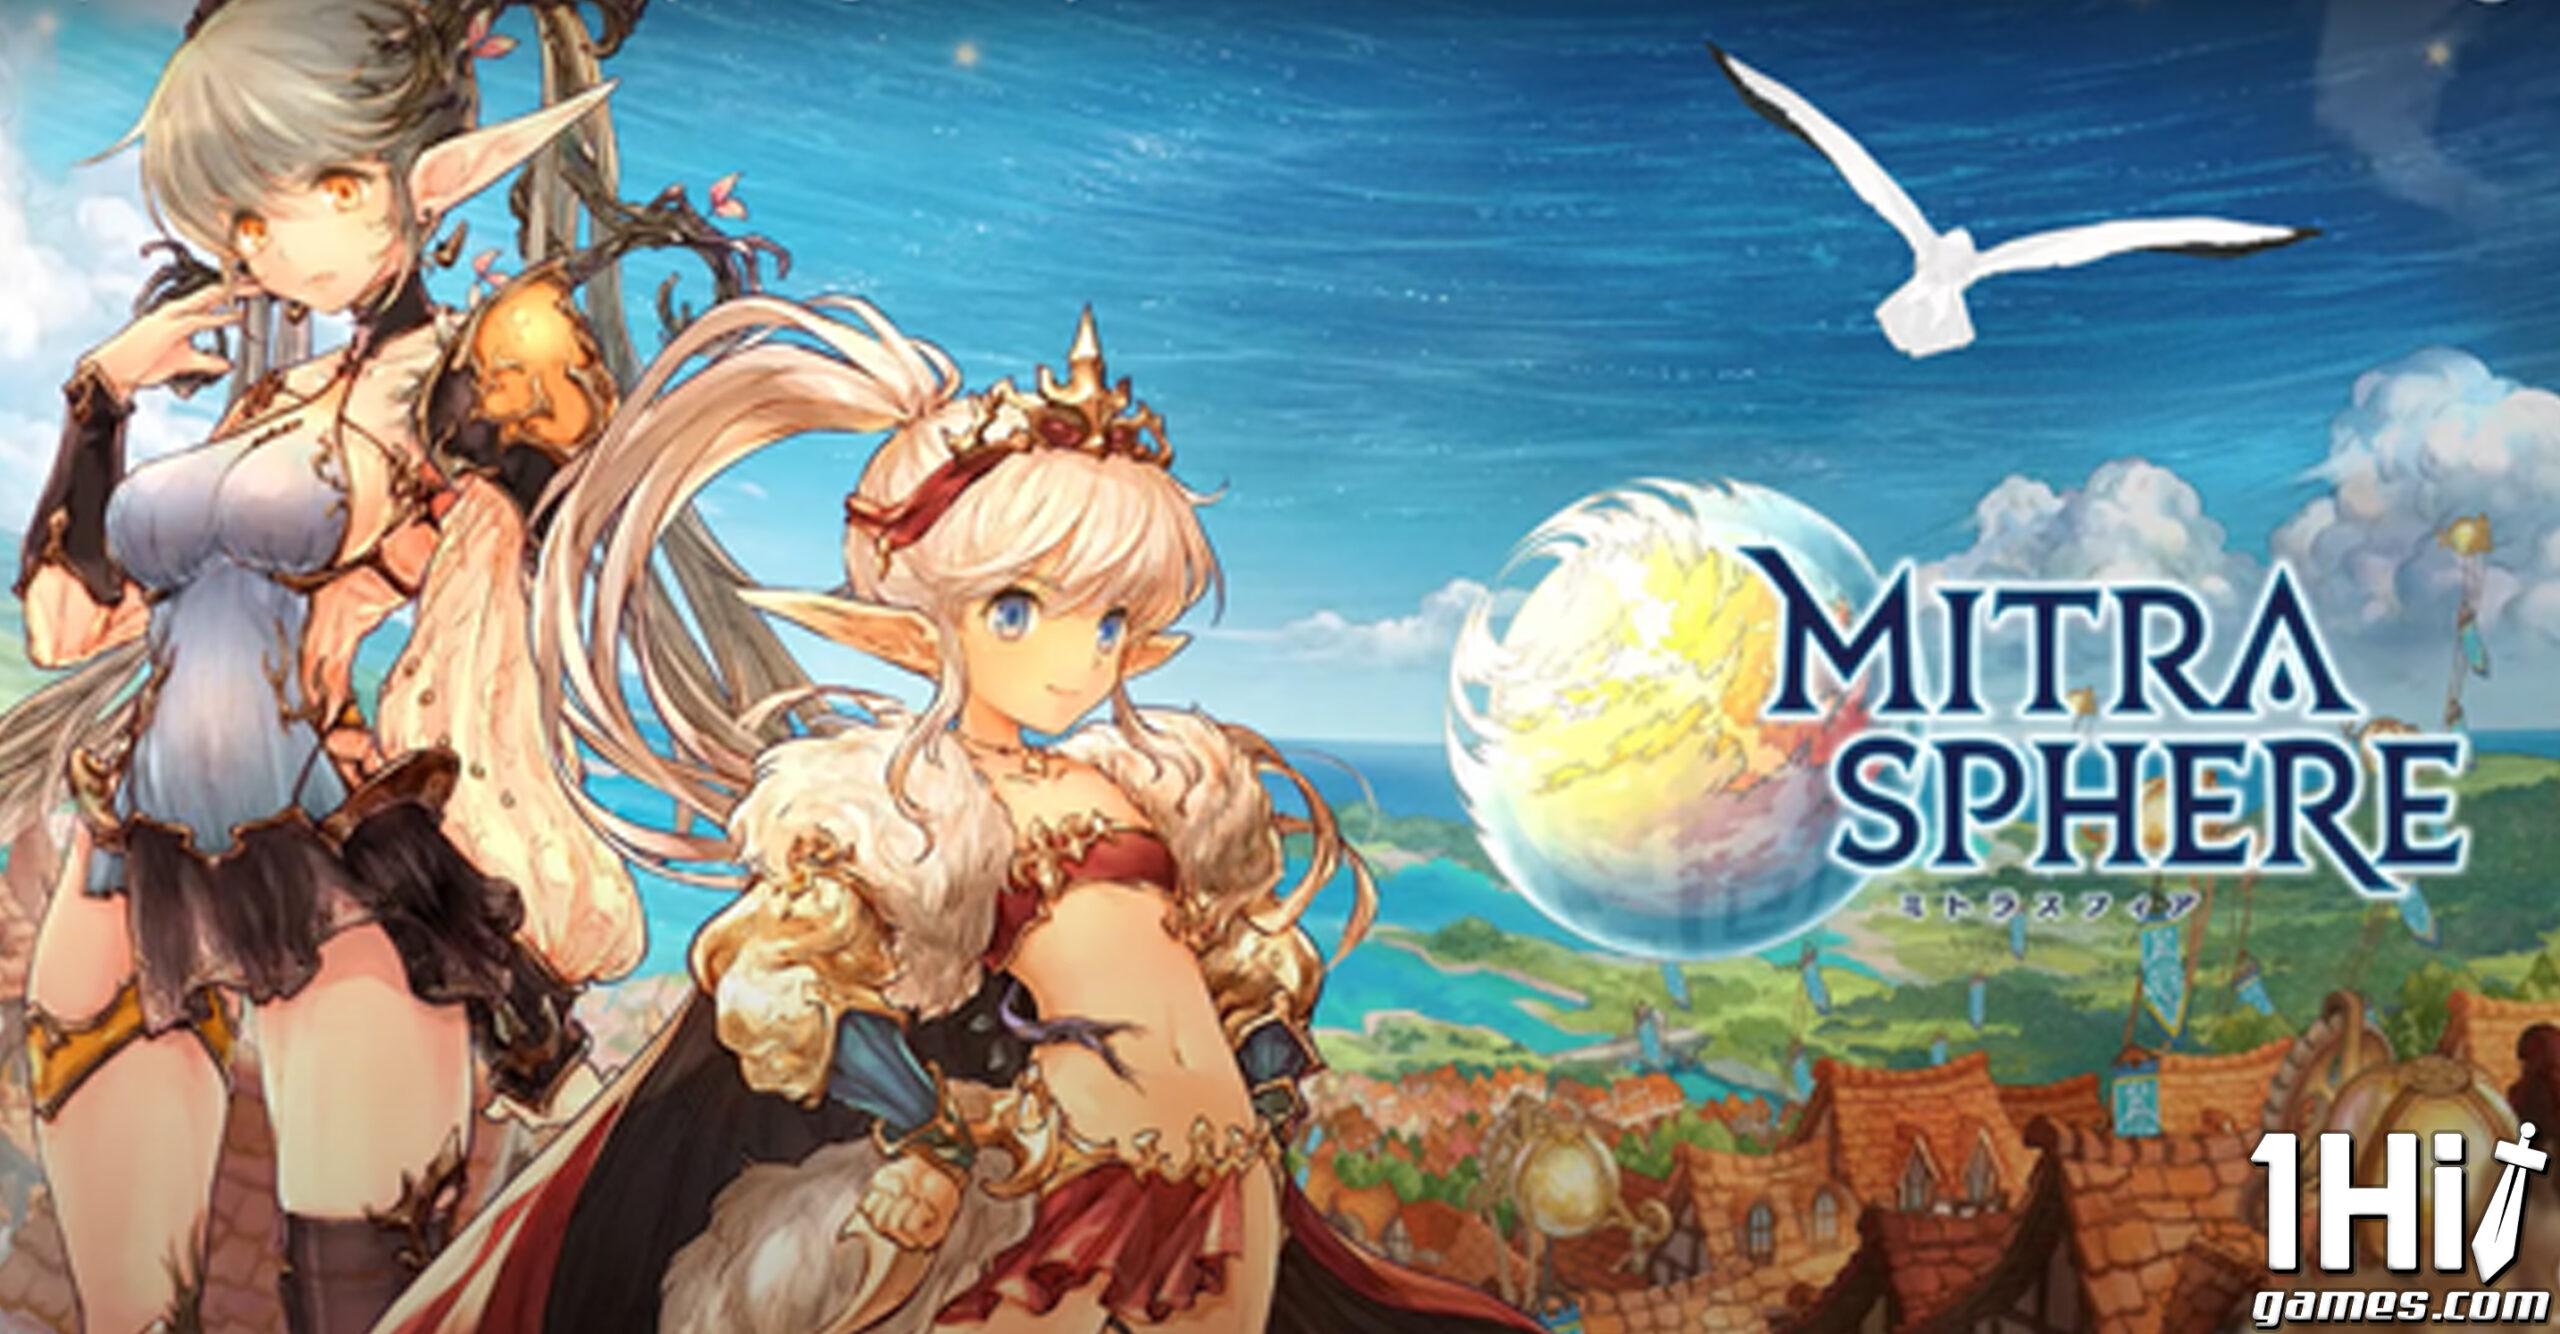 Pré-Registro de Mitrasphere anunciado por Crunchyroll Games